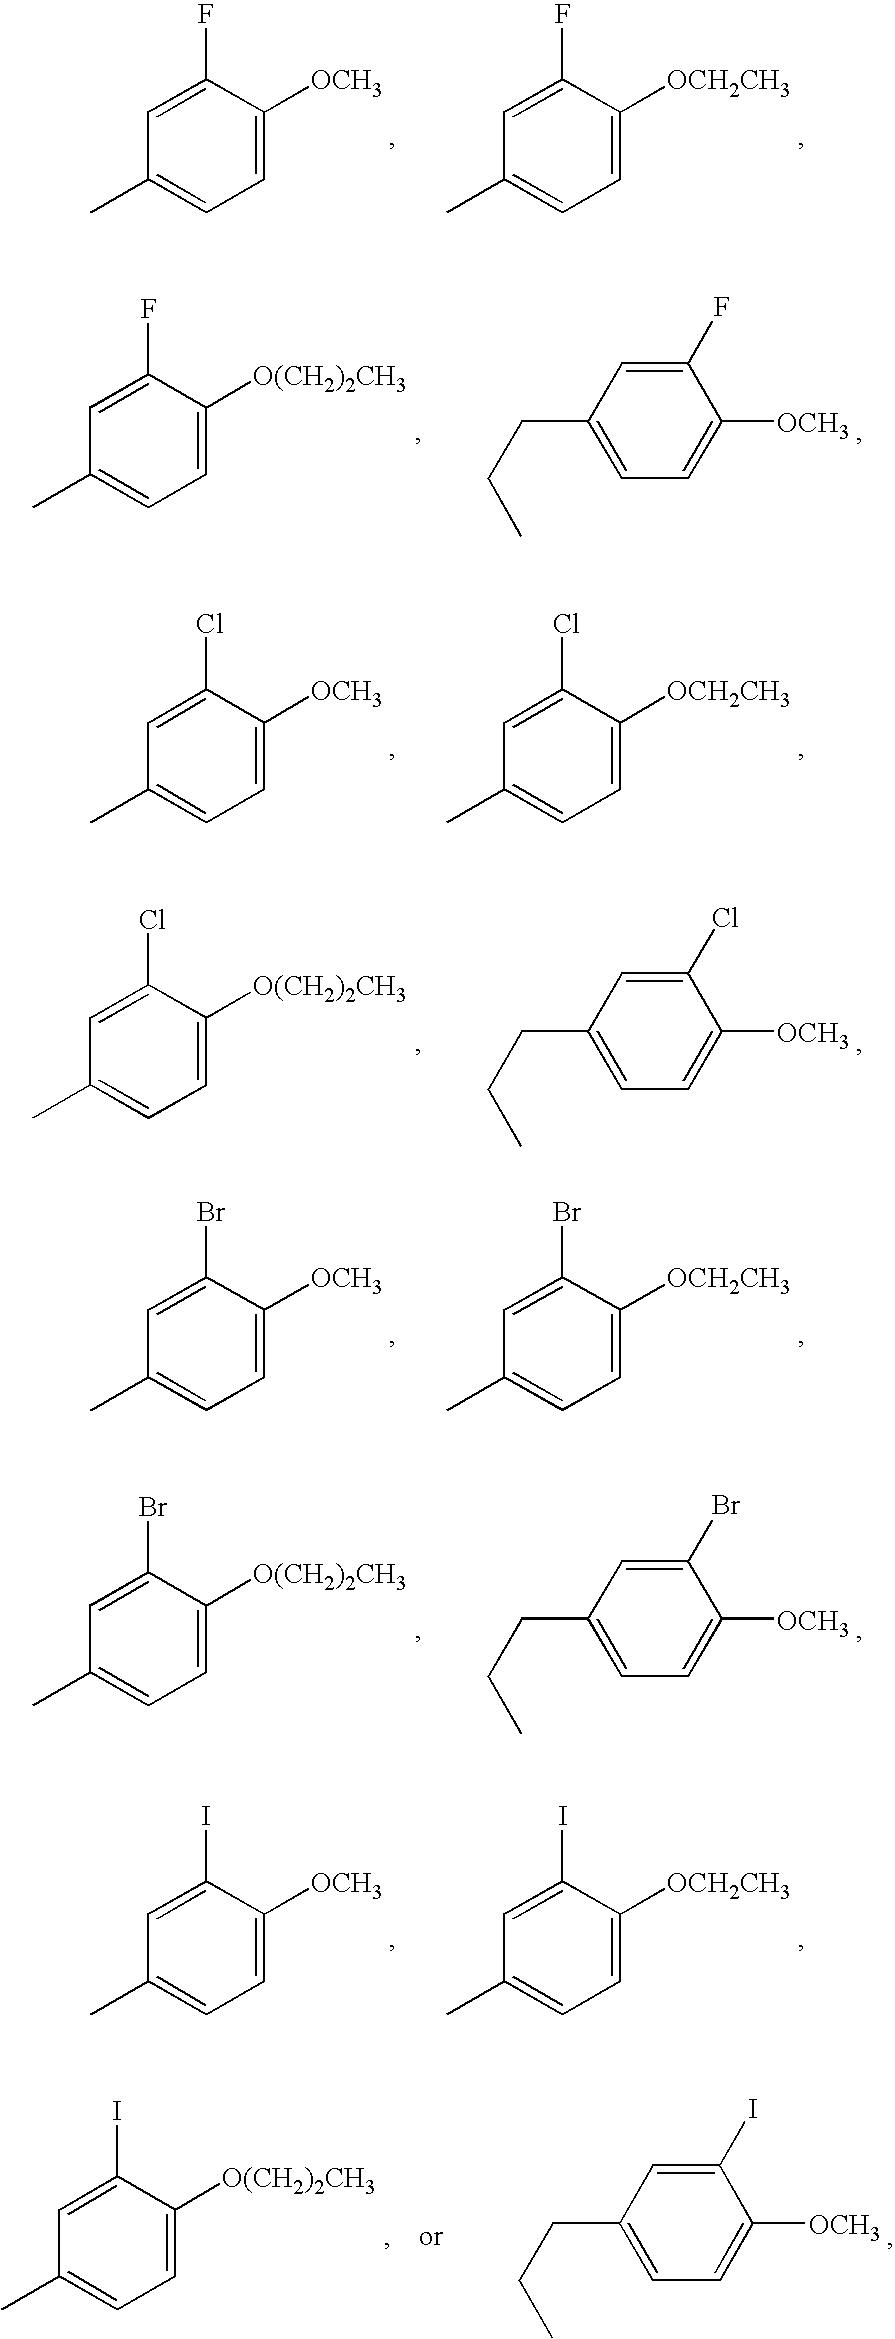 Figure US07112587-20060926-C00077